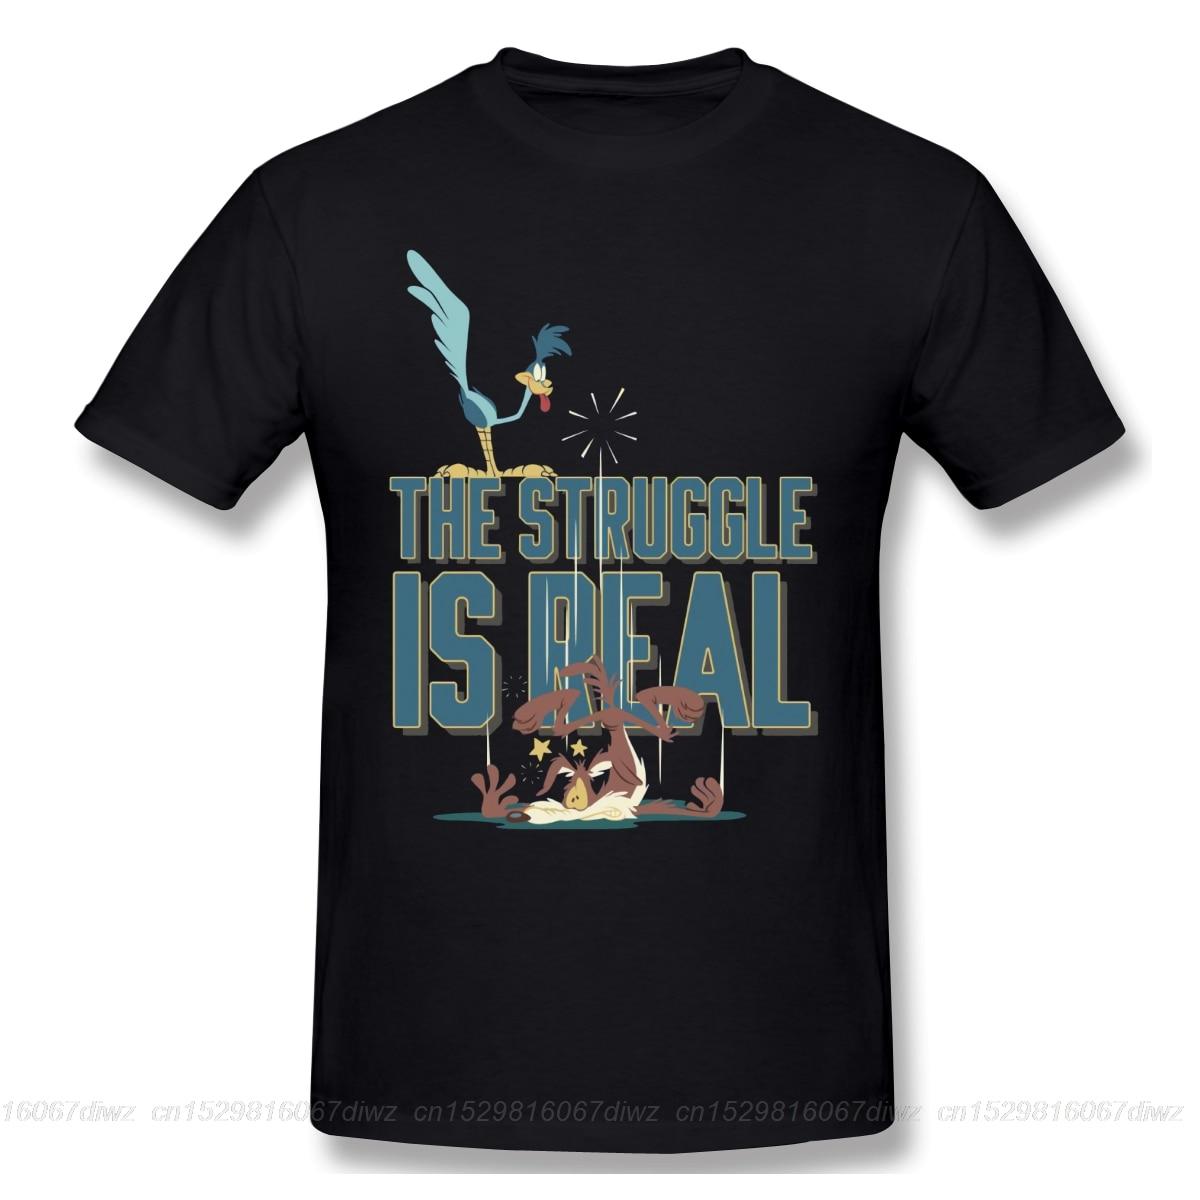 La lucha es camino Real corredor Wile E Coyote imprimir nueva Camiseta de algodón de verano divertida moda de hombres ofertas Streetwear marca Tide